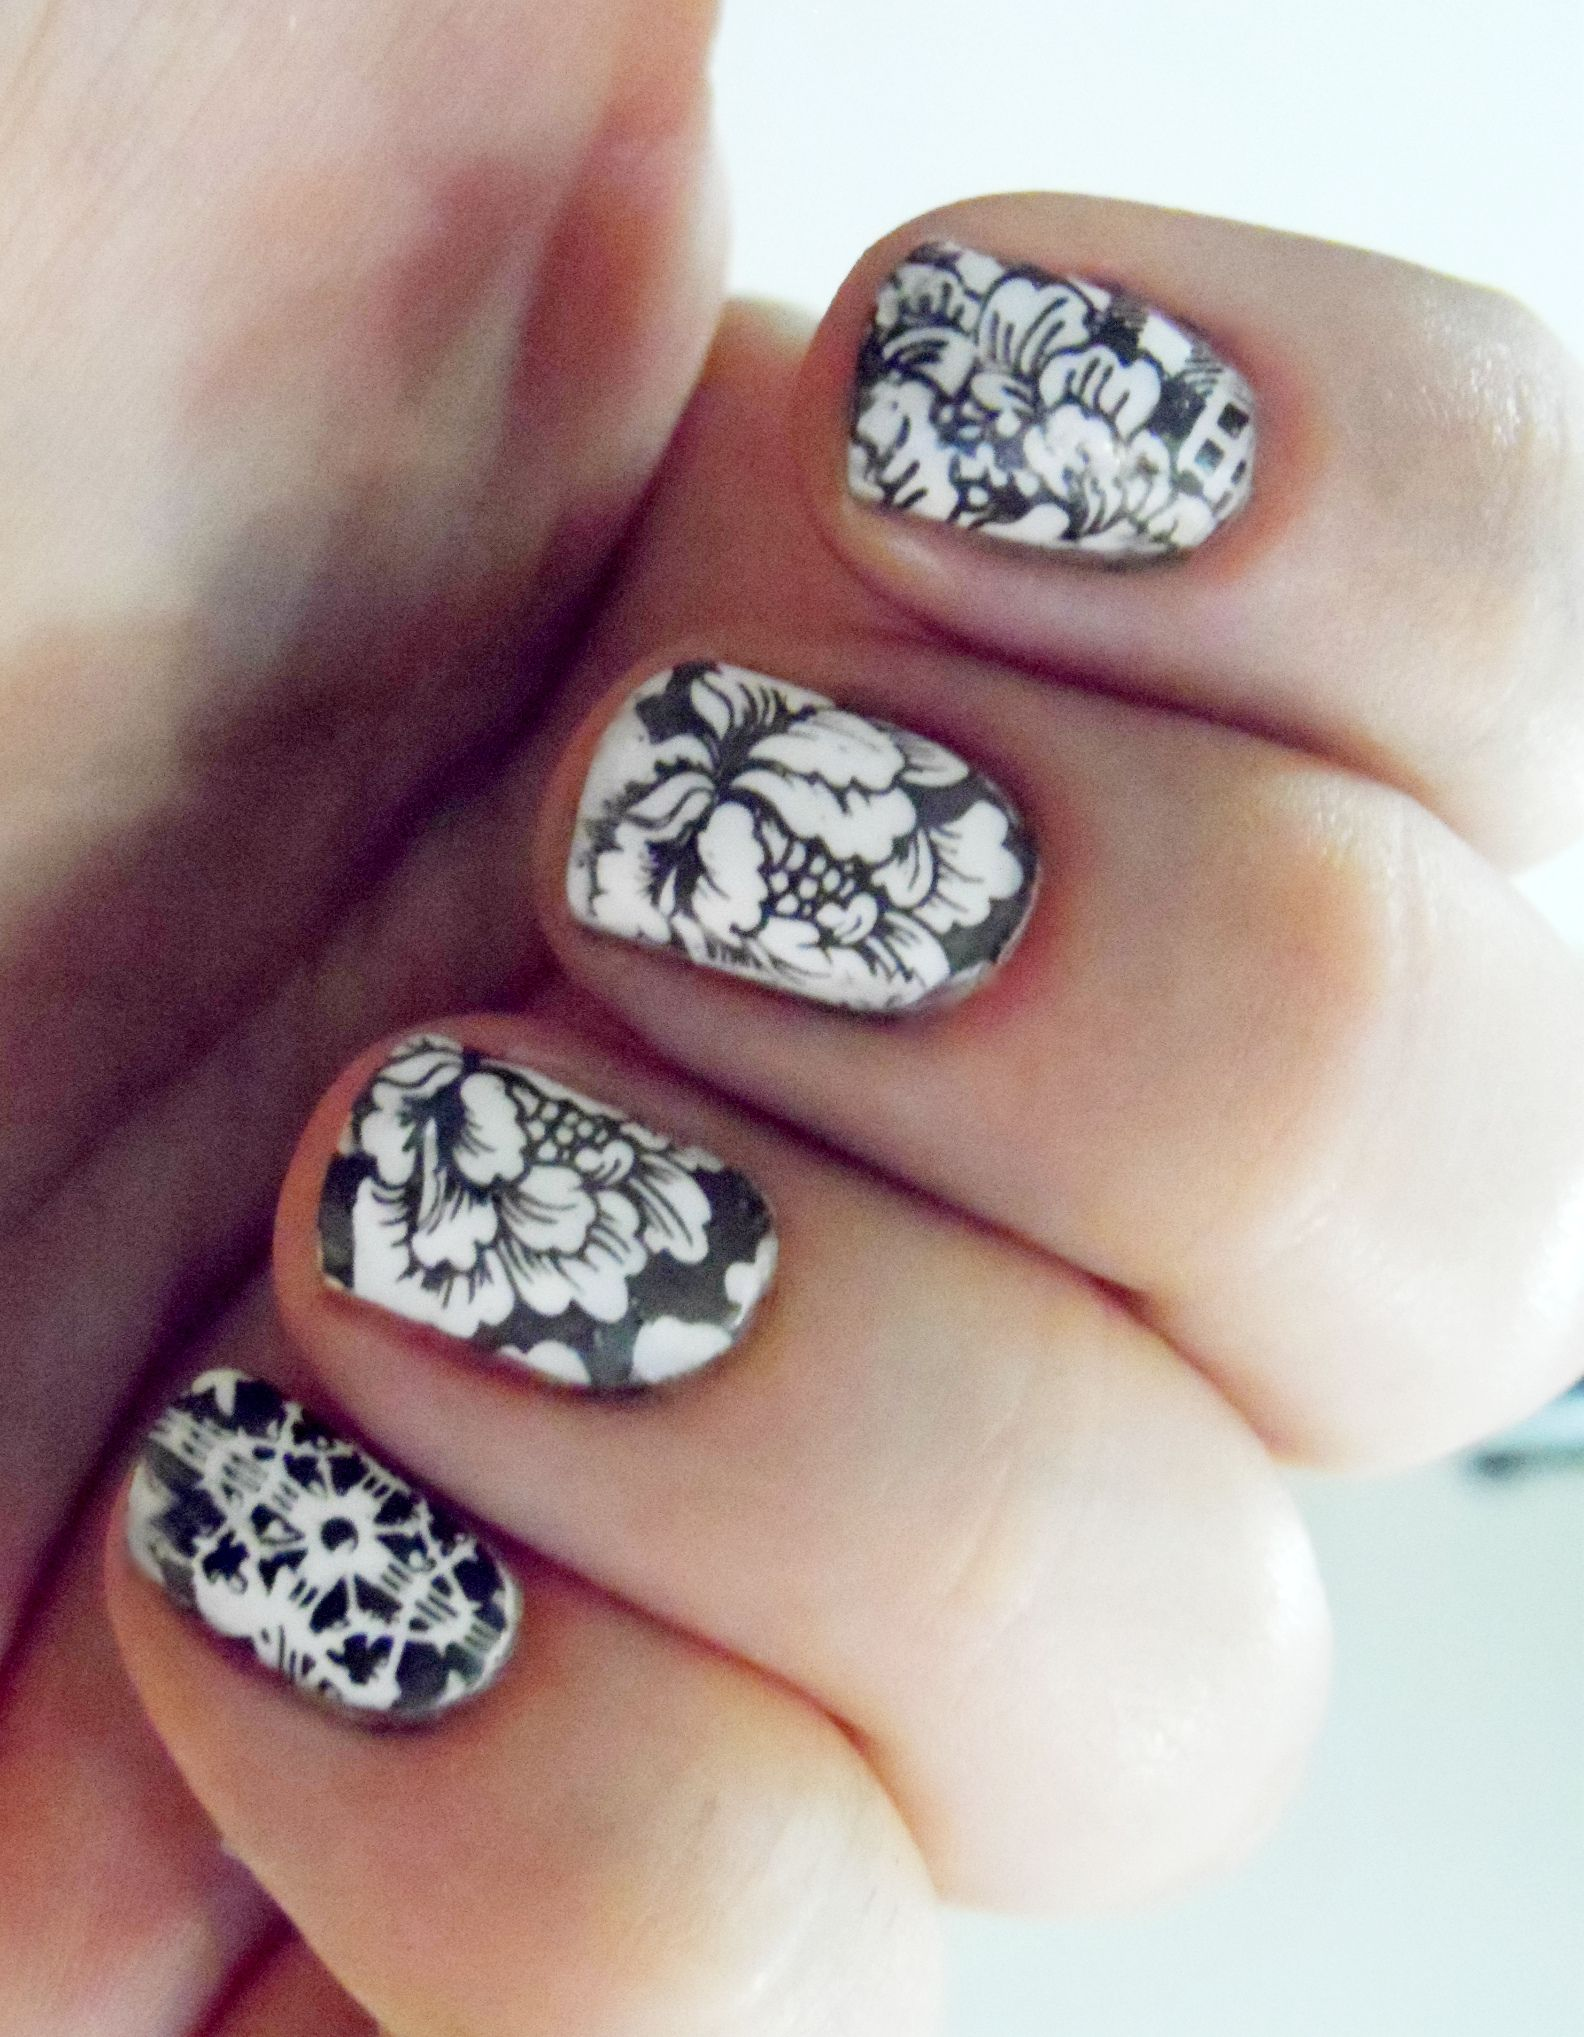 Nail art by Fairy Nail Story | NAIL ART | Pinterest | Nail nail and ...